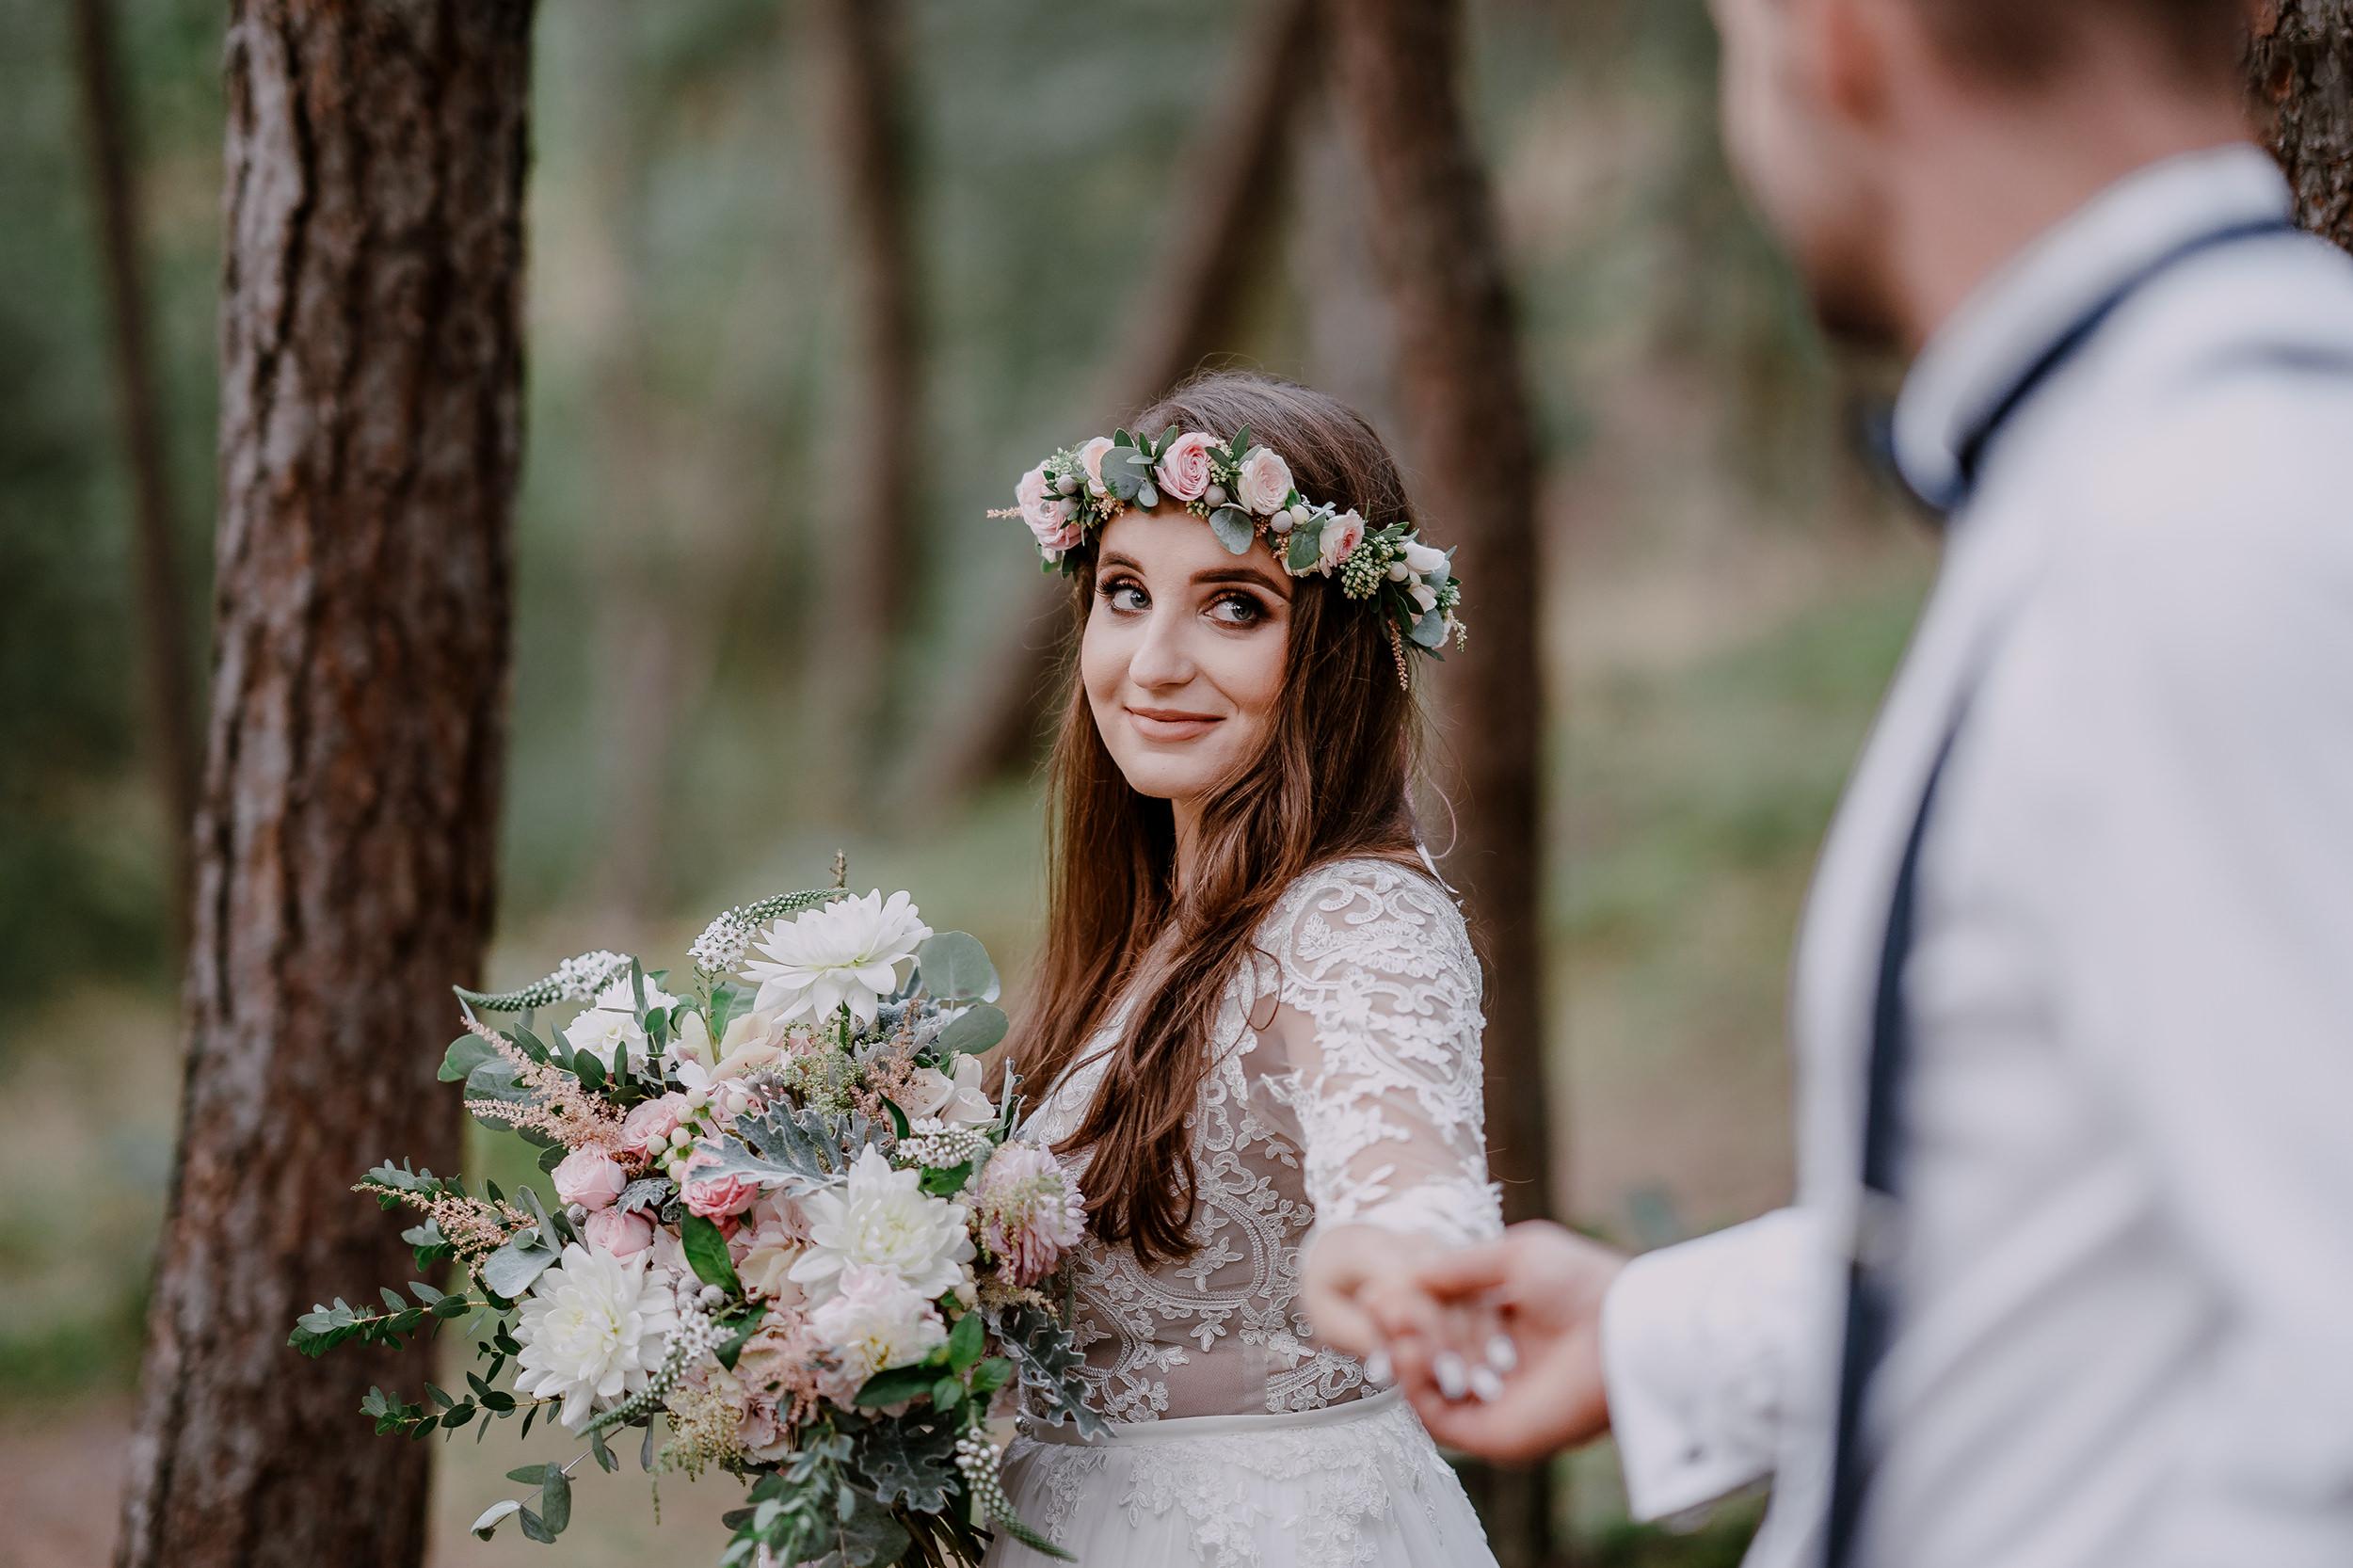 zdjęcia weselne chojnice.jpg